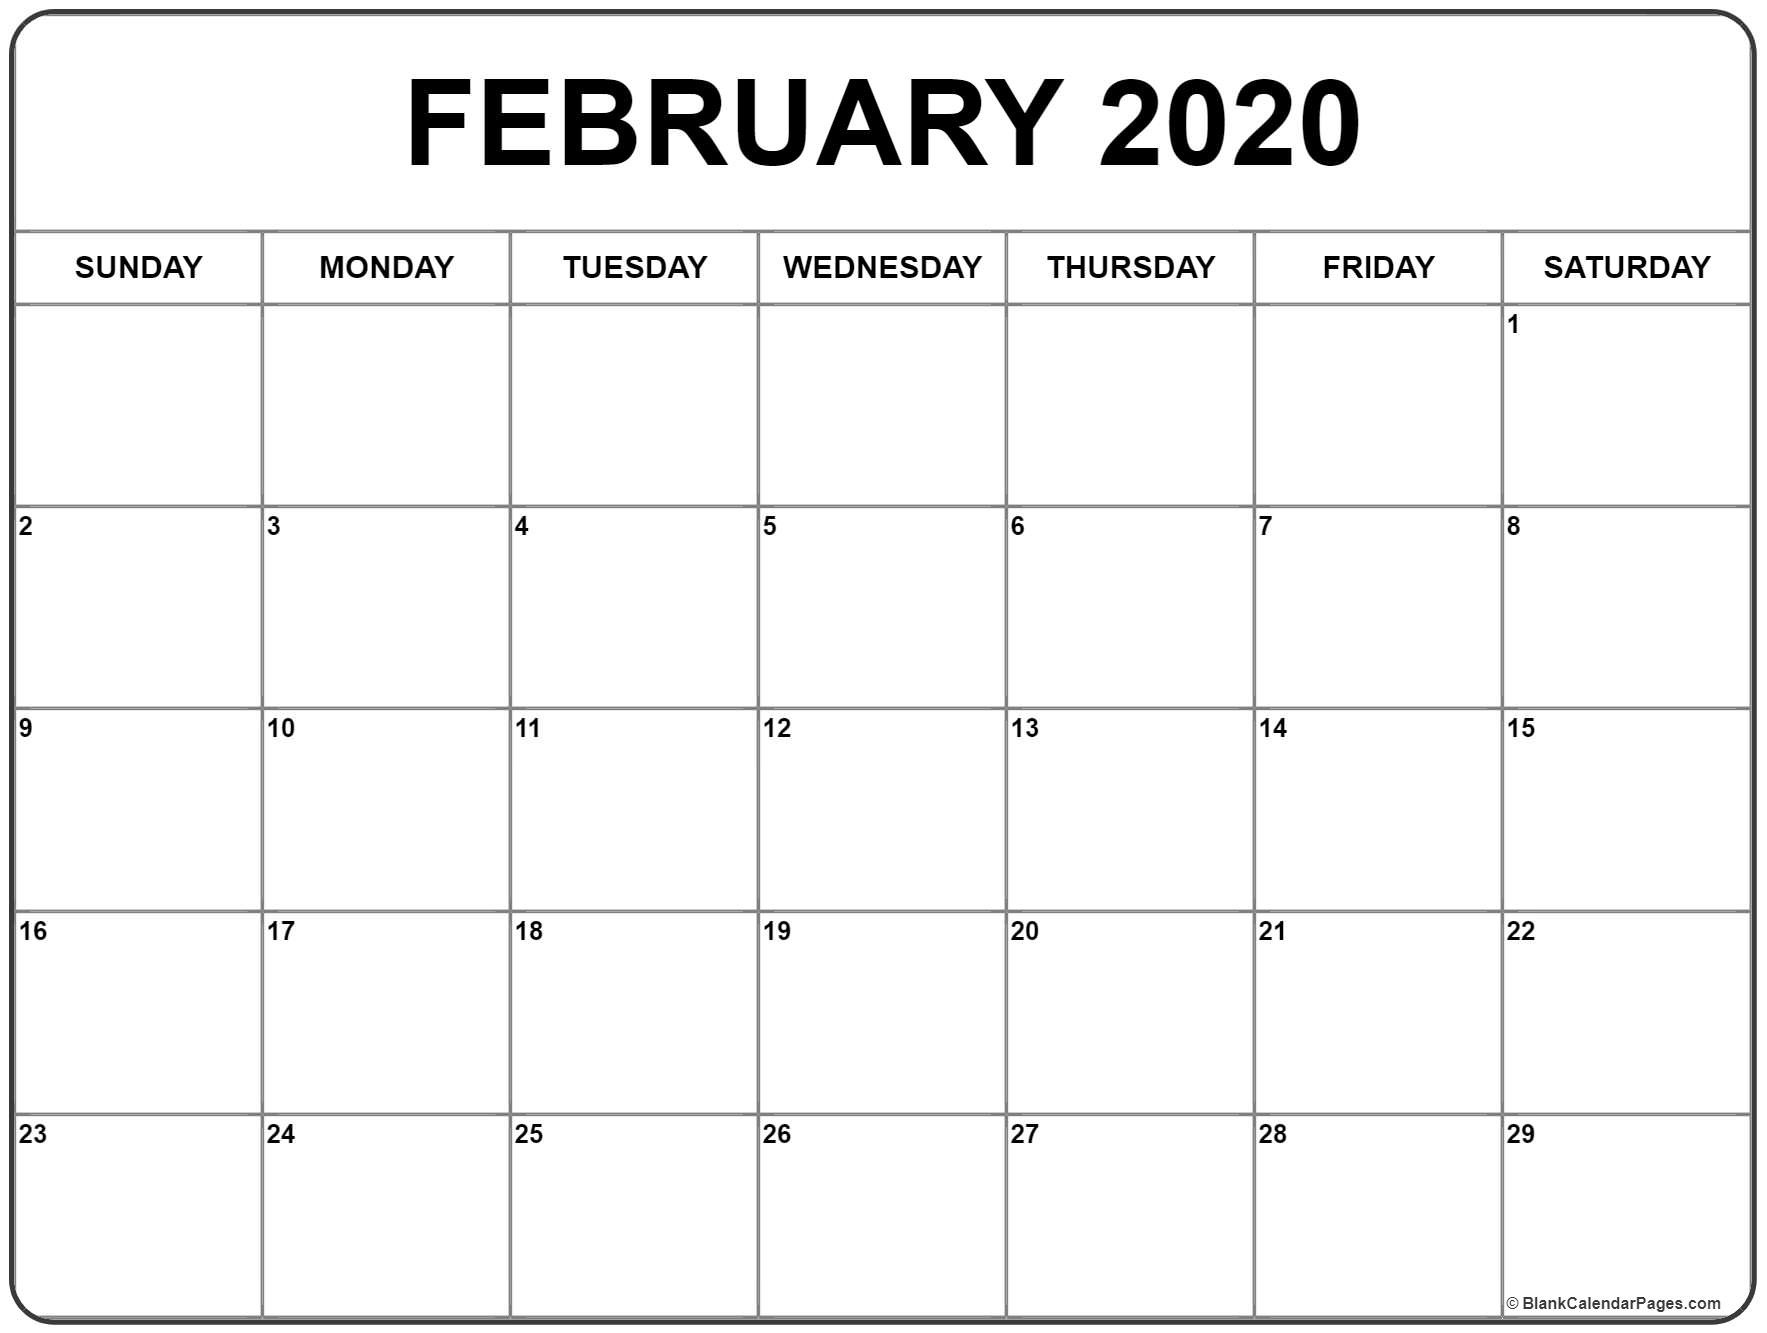 February 2020 Calendar | Free Printable Monthly Calendars-2020-2020 Printable Calendar With No Holidays